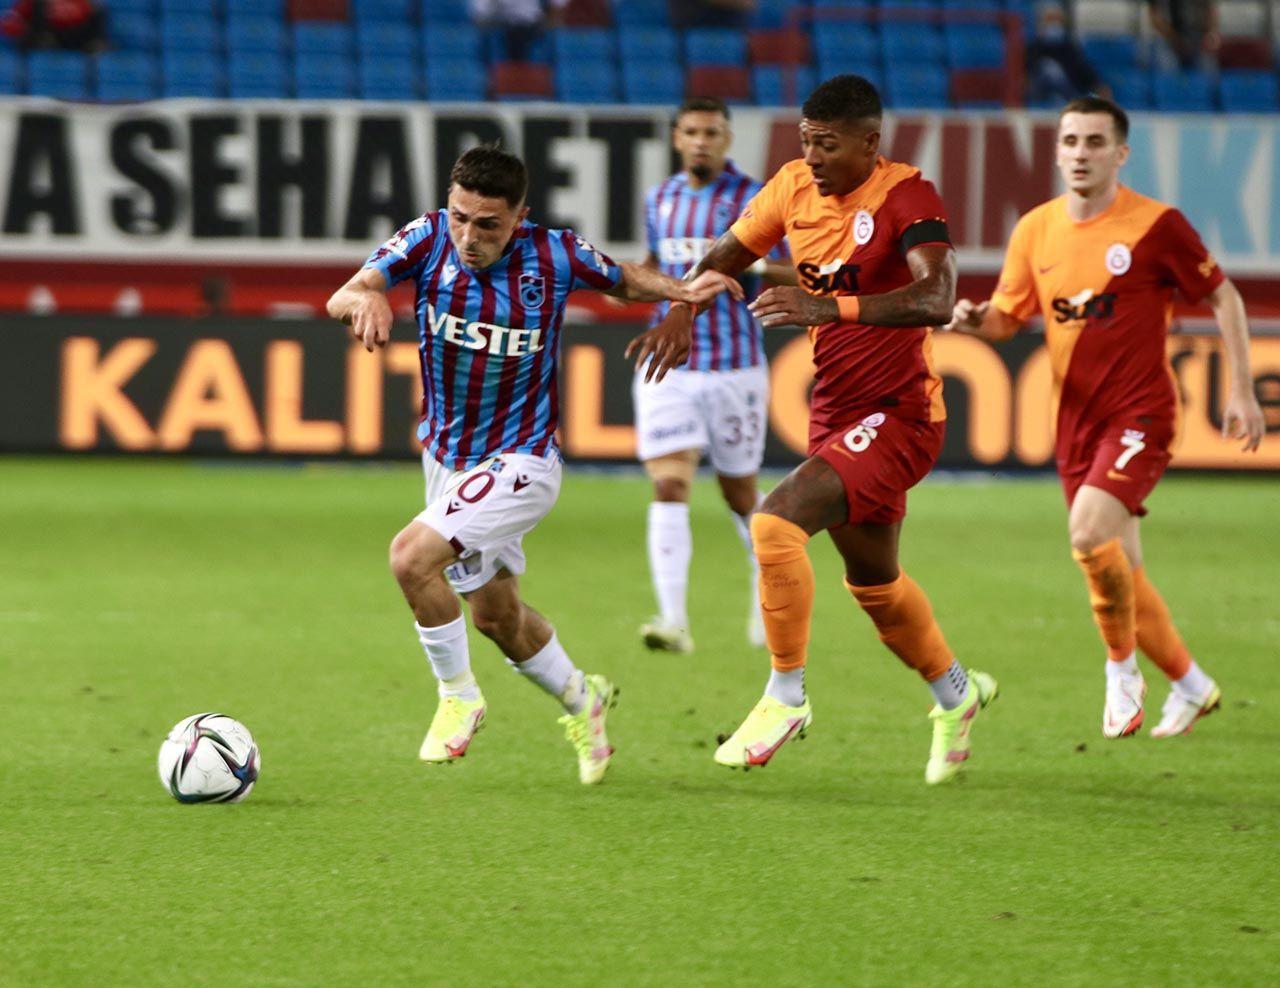 Trabzonspor ile Galatasaray 1'er puanı paylaştı - Resim: 4